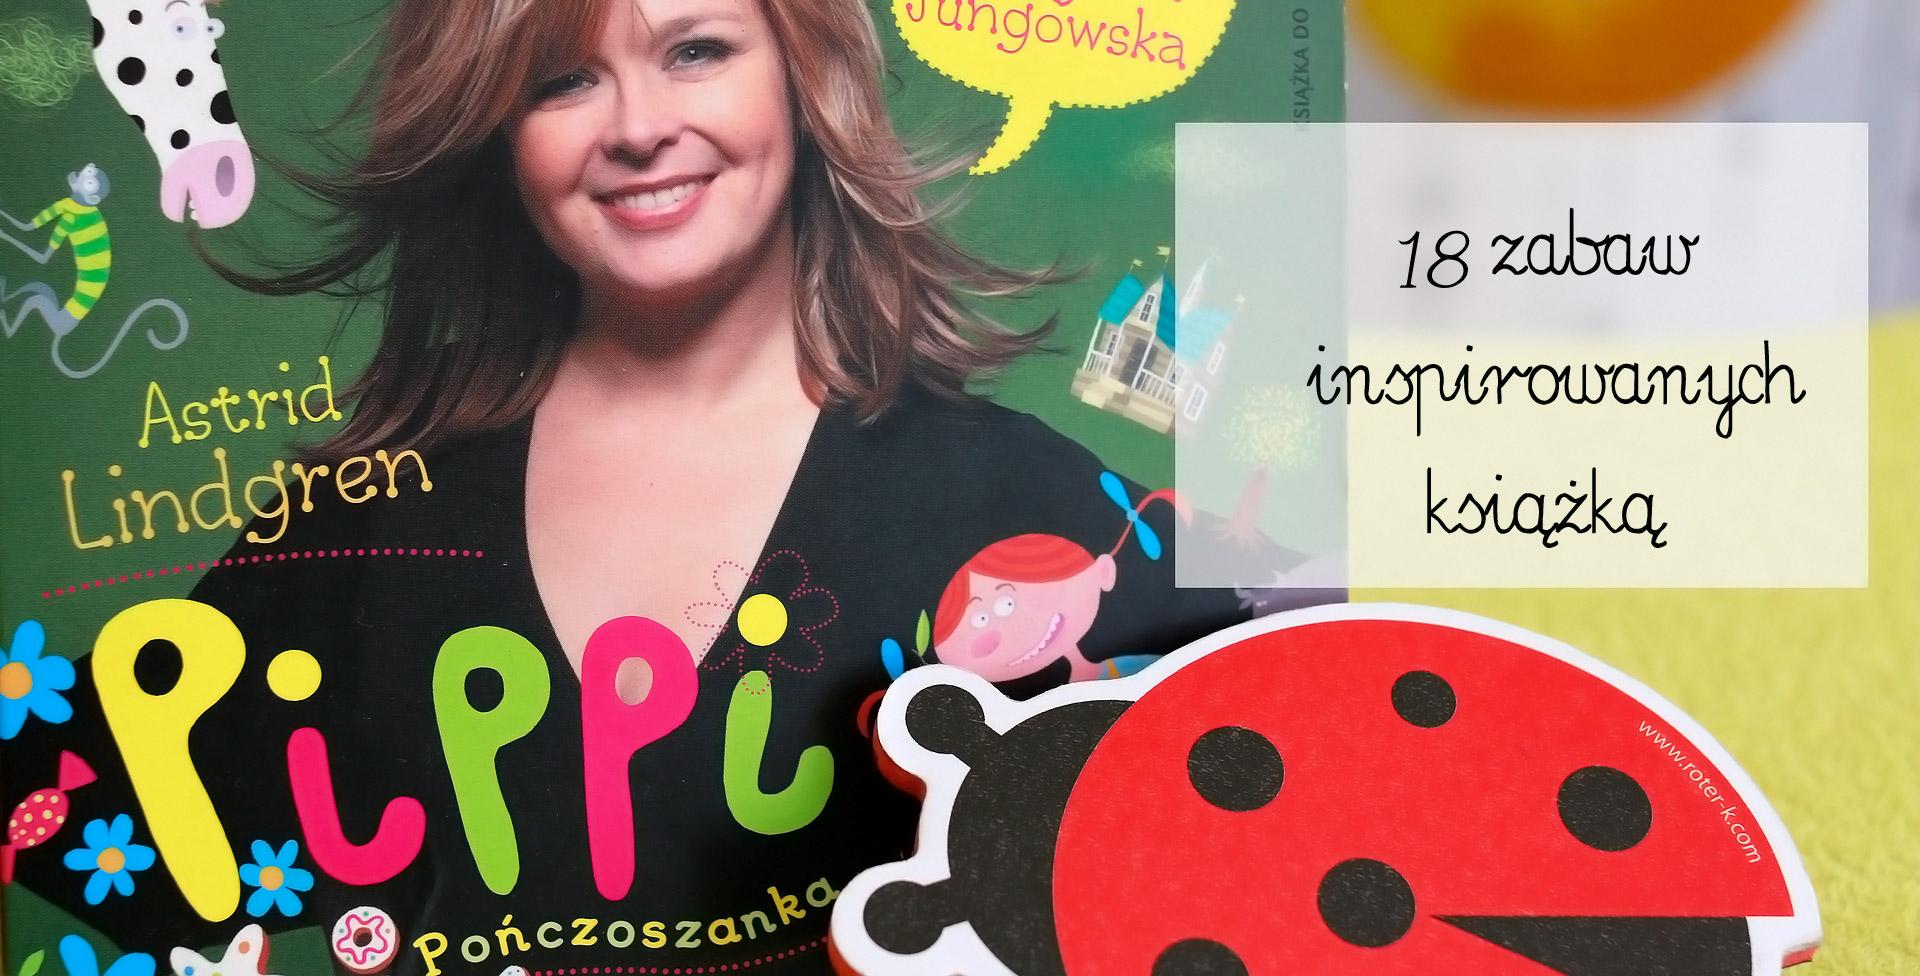 pippi pończoszanka, zabawy z książką, literatura dla dzieci, przygody z książką